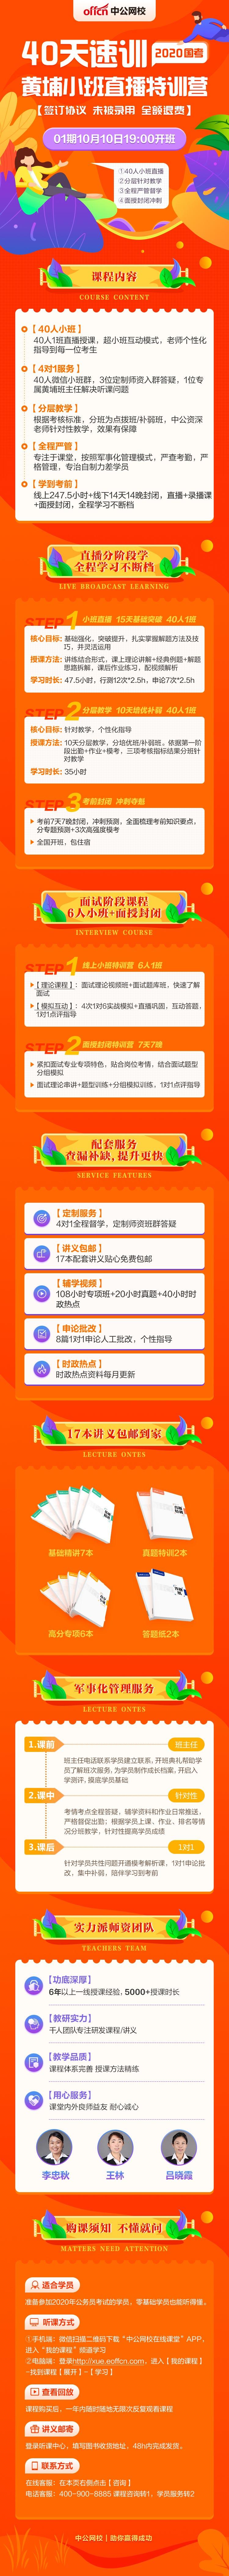 40天速训黄埔小班直播特训营7天7晚.jpg